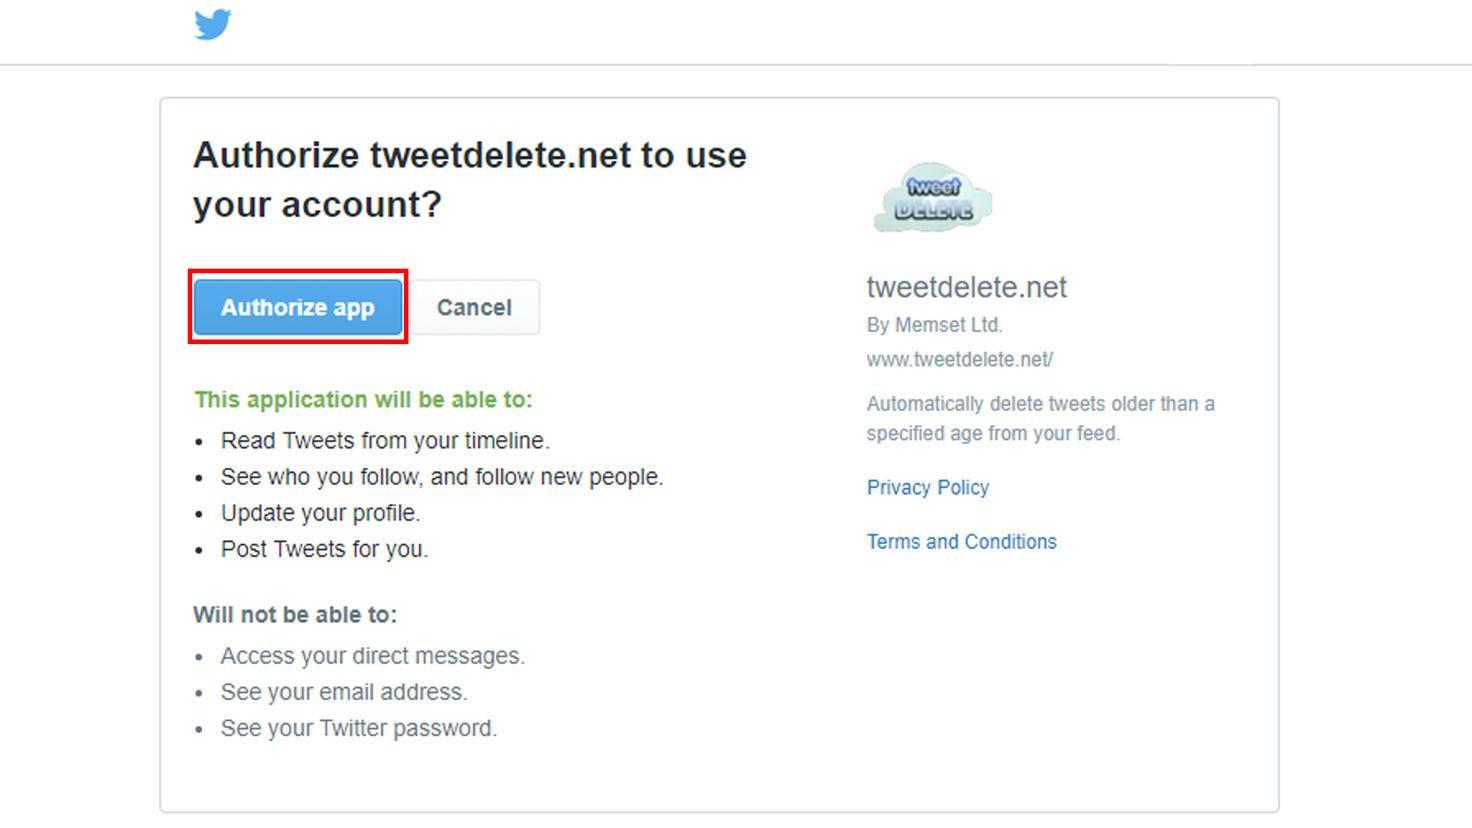 Authorisiere den Dienst auf der Twitter-Seite.